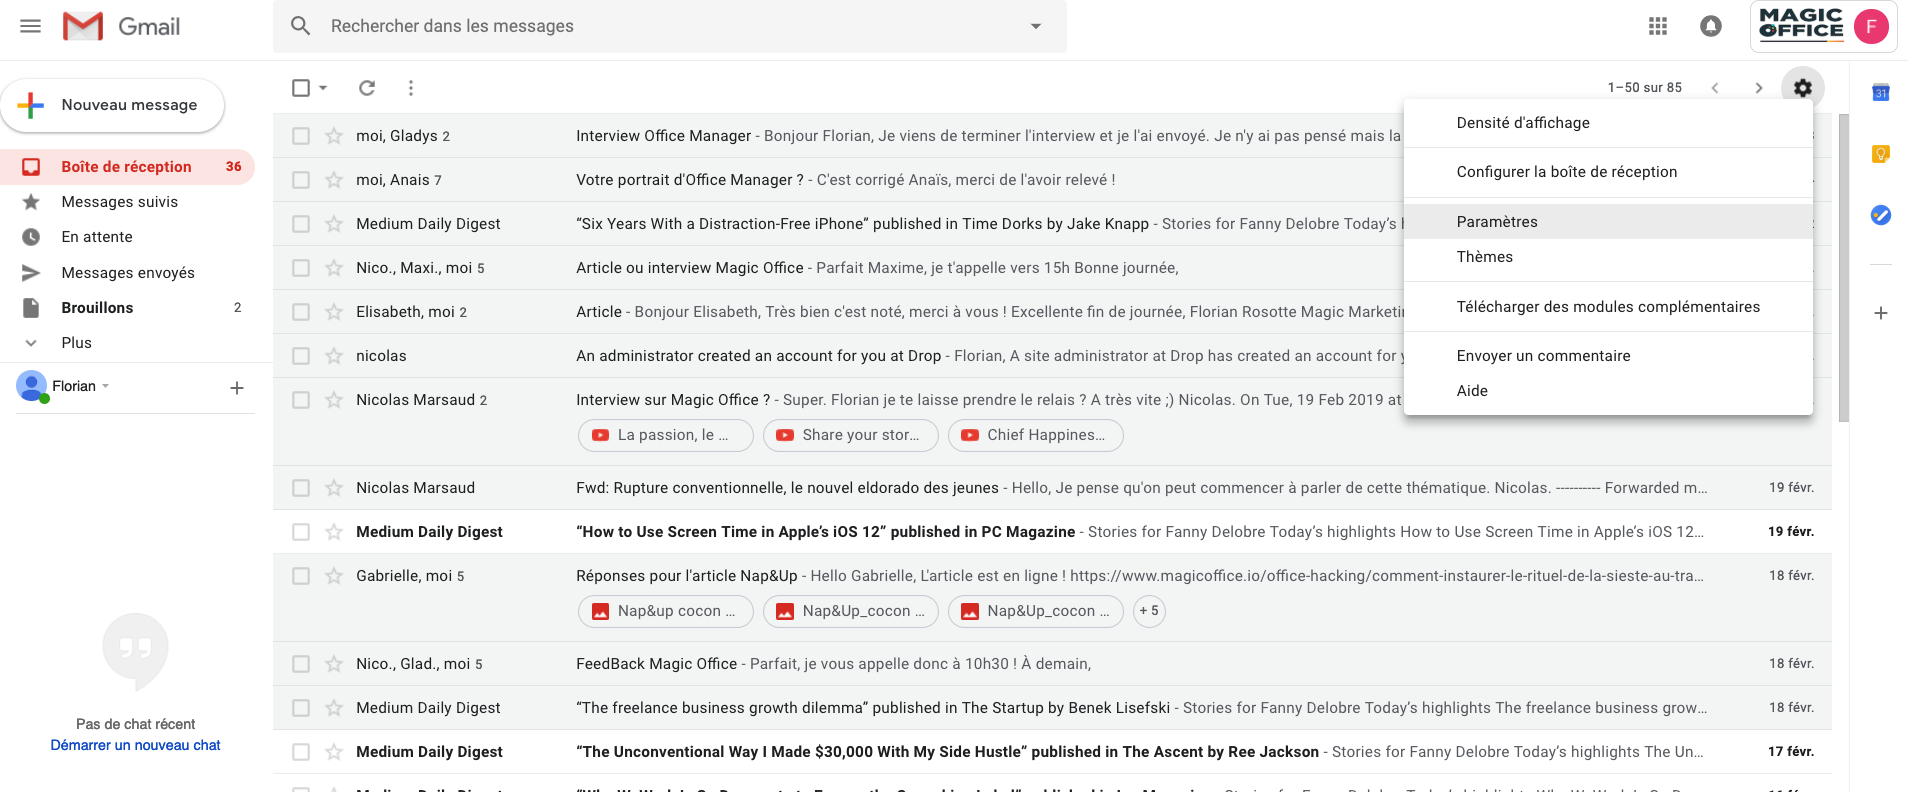 screenshot gmail paramètres